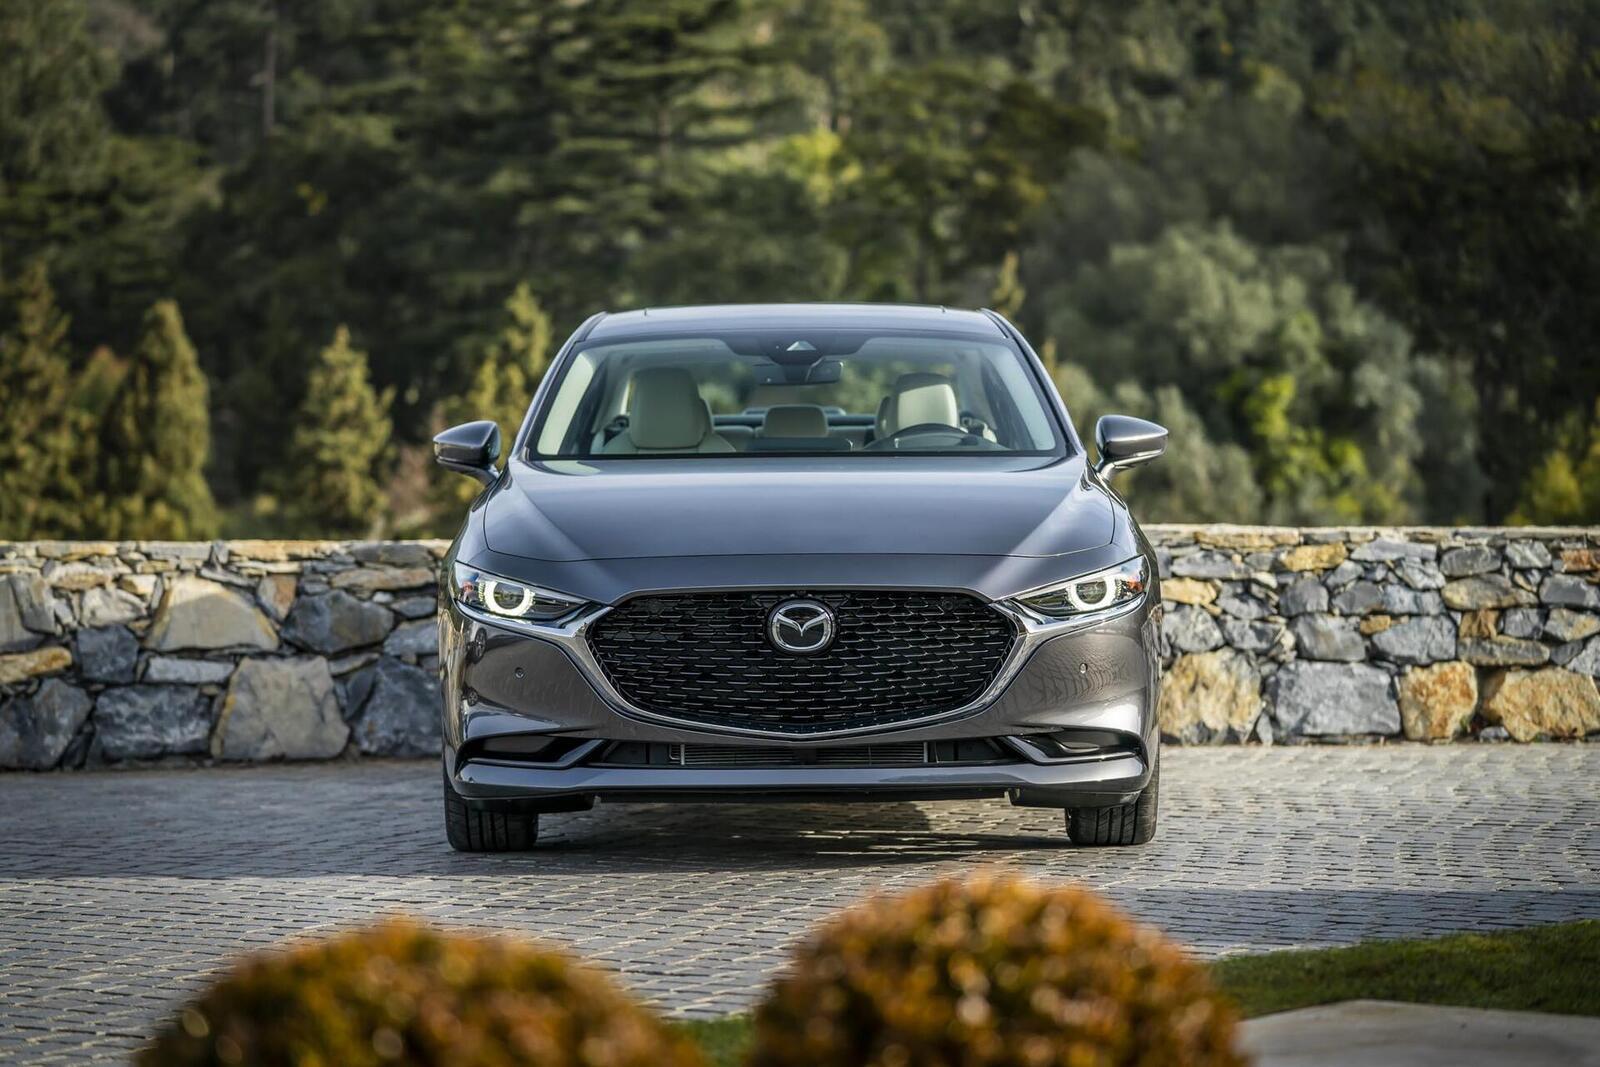 Mazda3 thế hệ mới chốt lịch ra mắt tại Malaysia vào tháng sau; giá dự kiến từ 764 triệu đồng - Hình 16